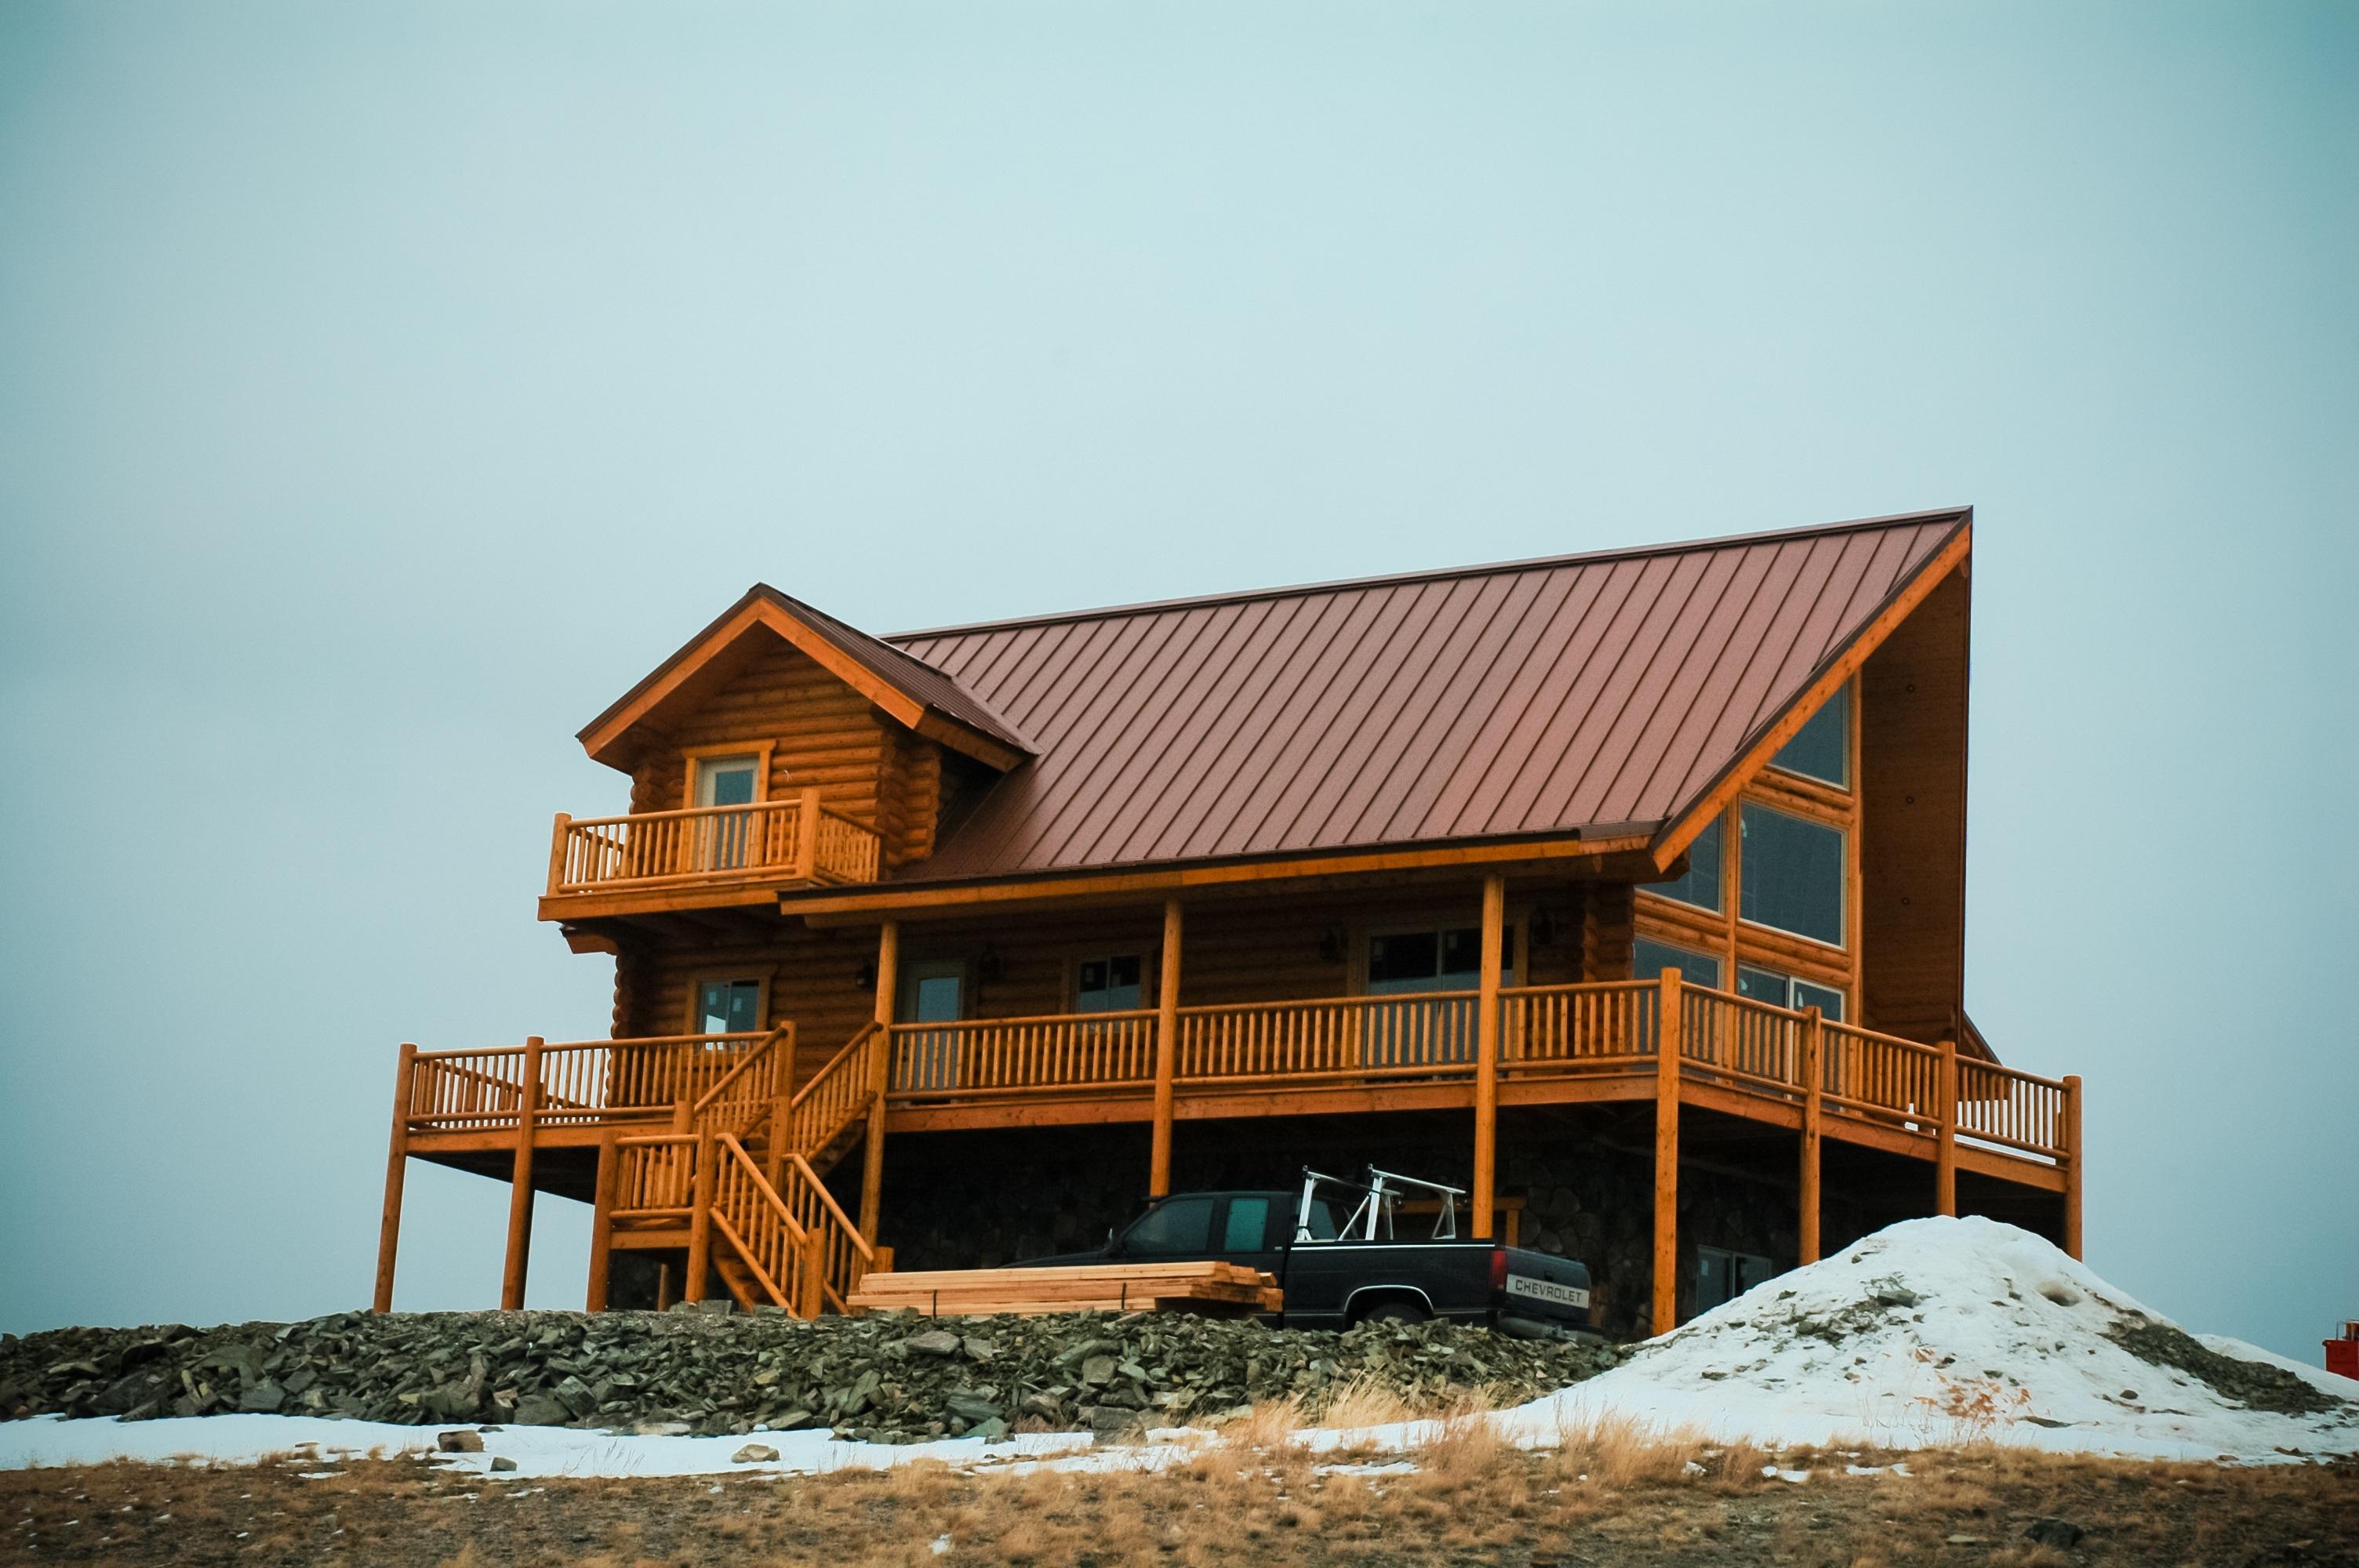 Kostenlose foto : Winter, die Architektur, Holz, Haus, Hügel, Dach ...